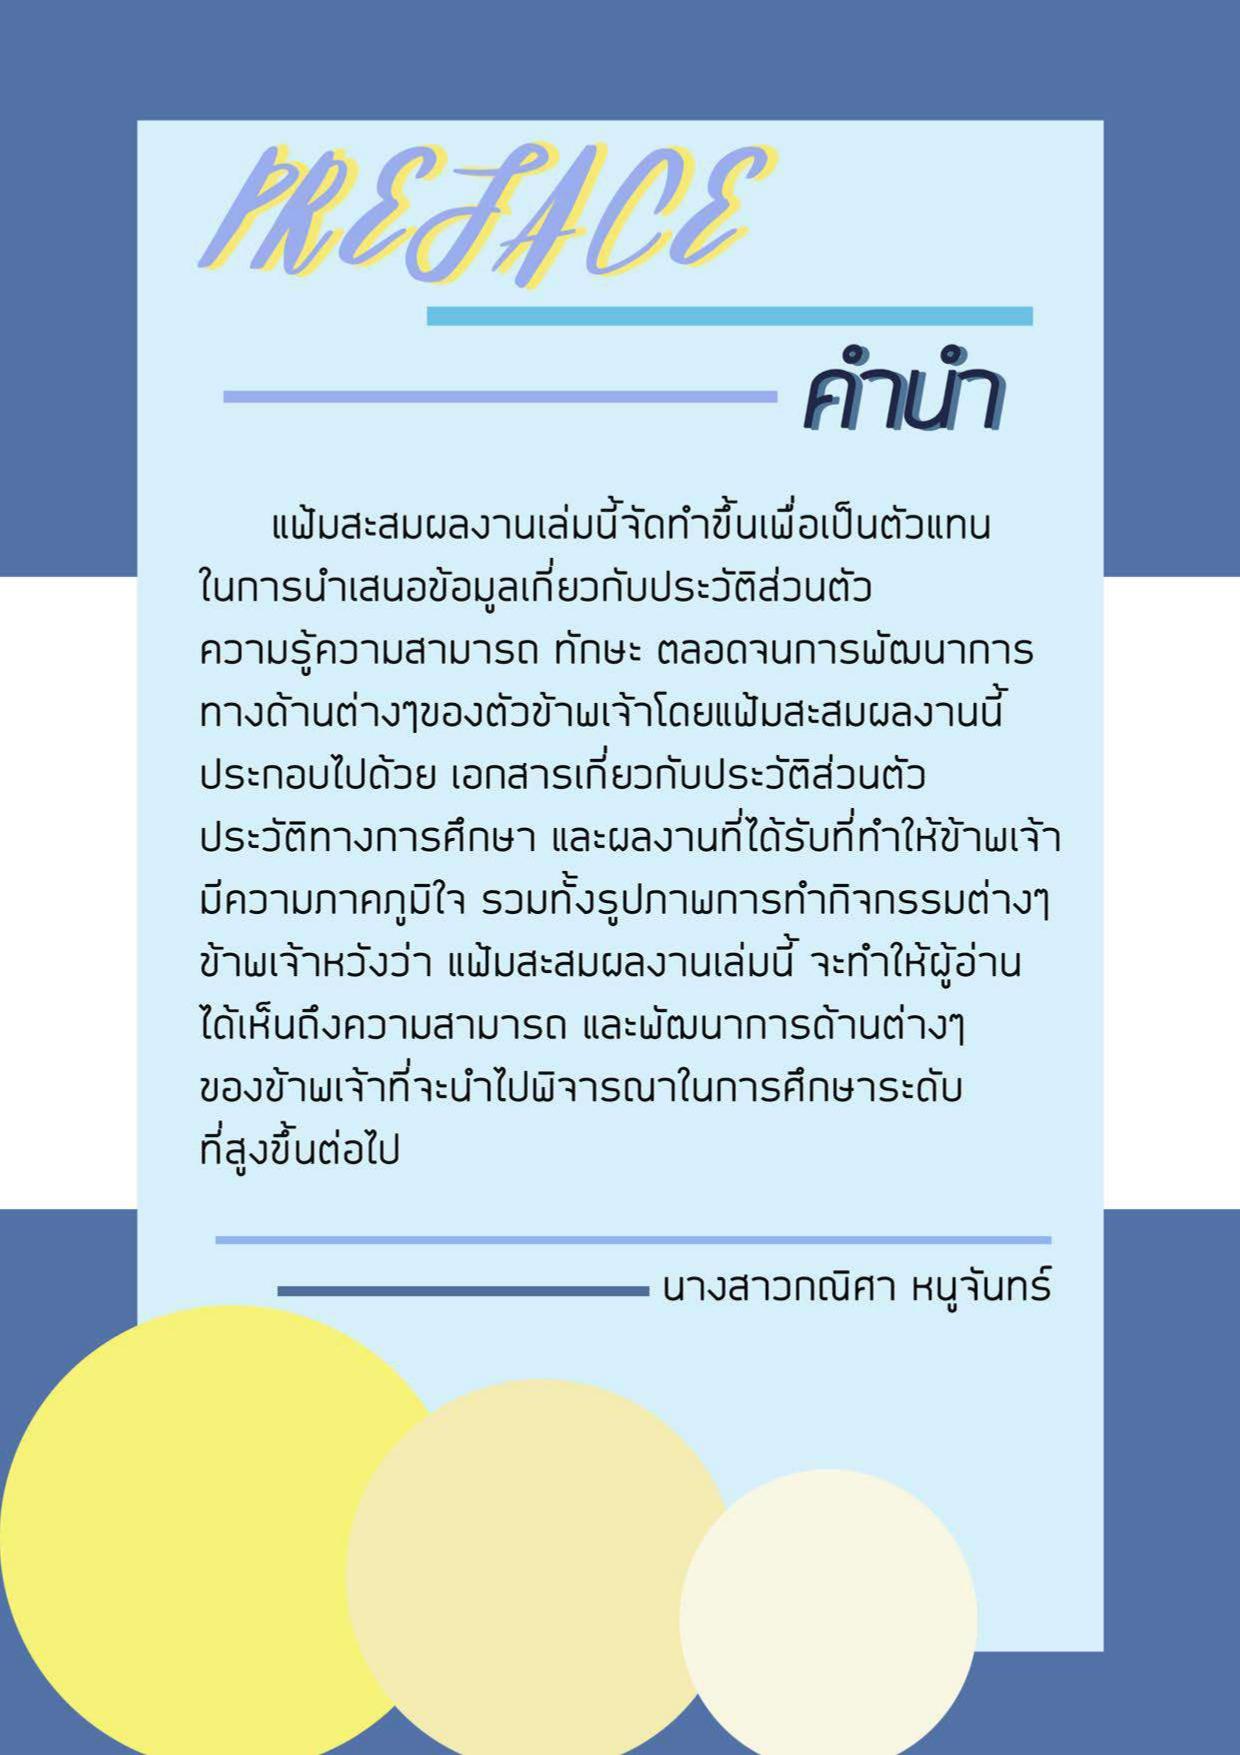 กณิศา หนูจันทร_page-0002